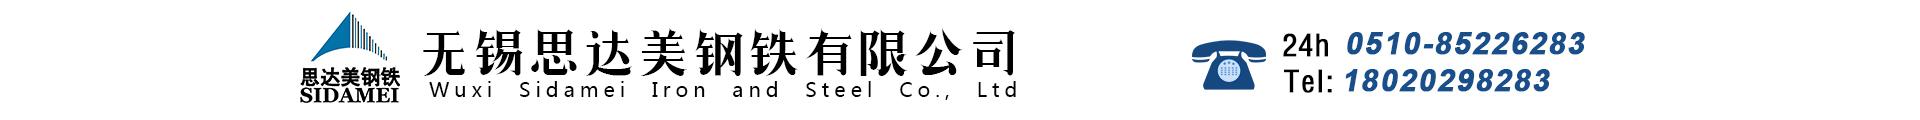 无锡思达美钢铁有限公司